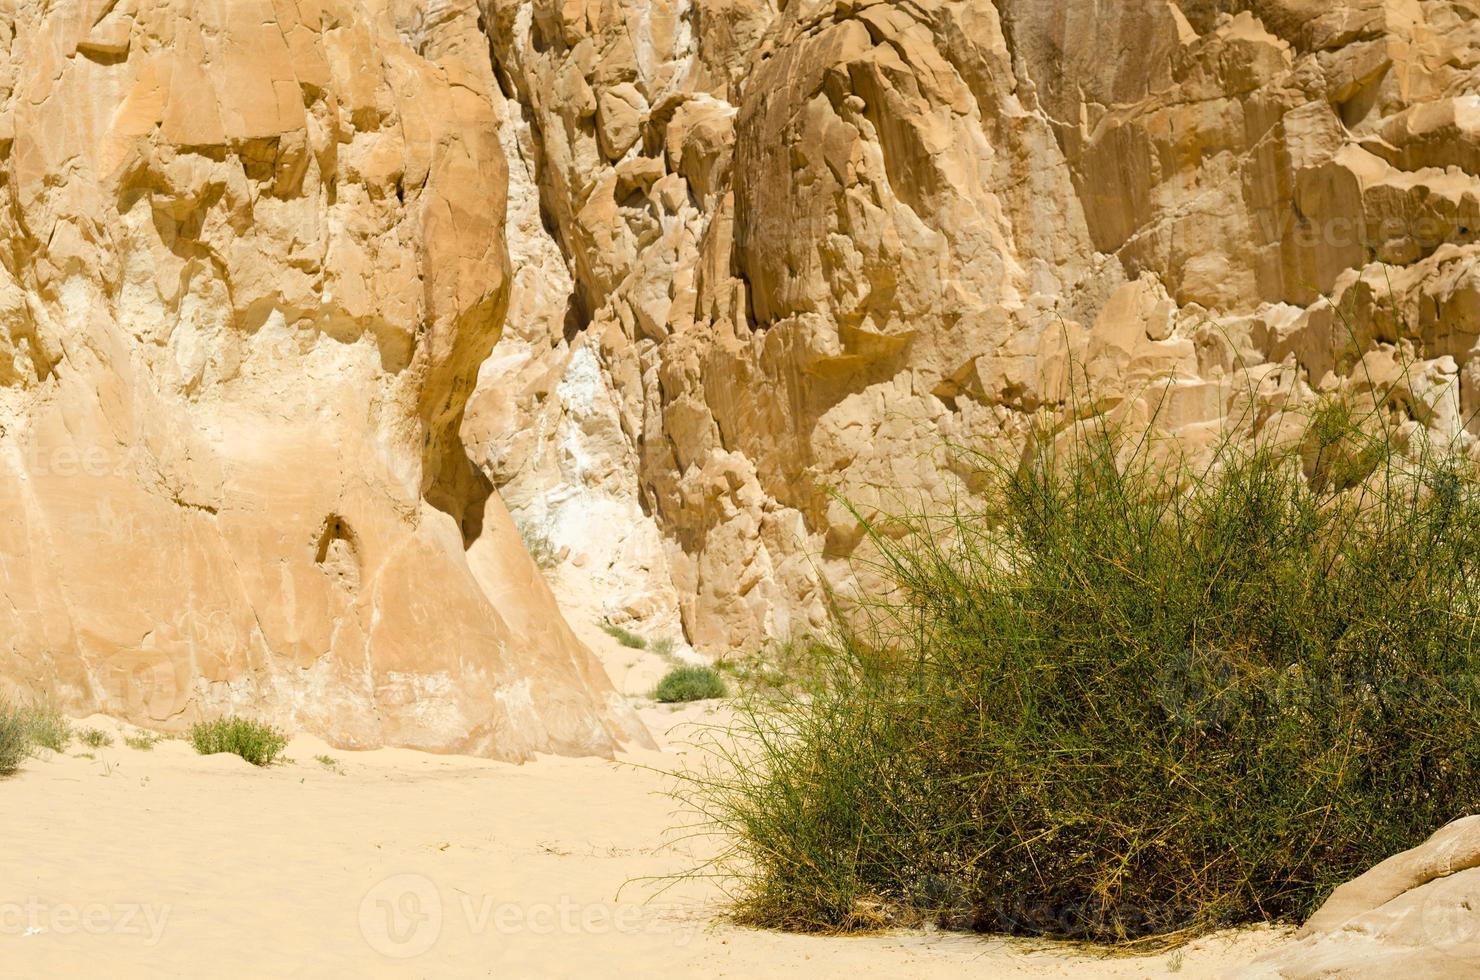 groene vegetatie groeit in een woestijn foto